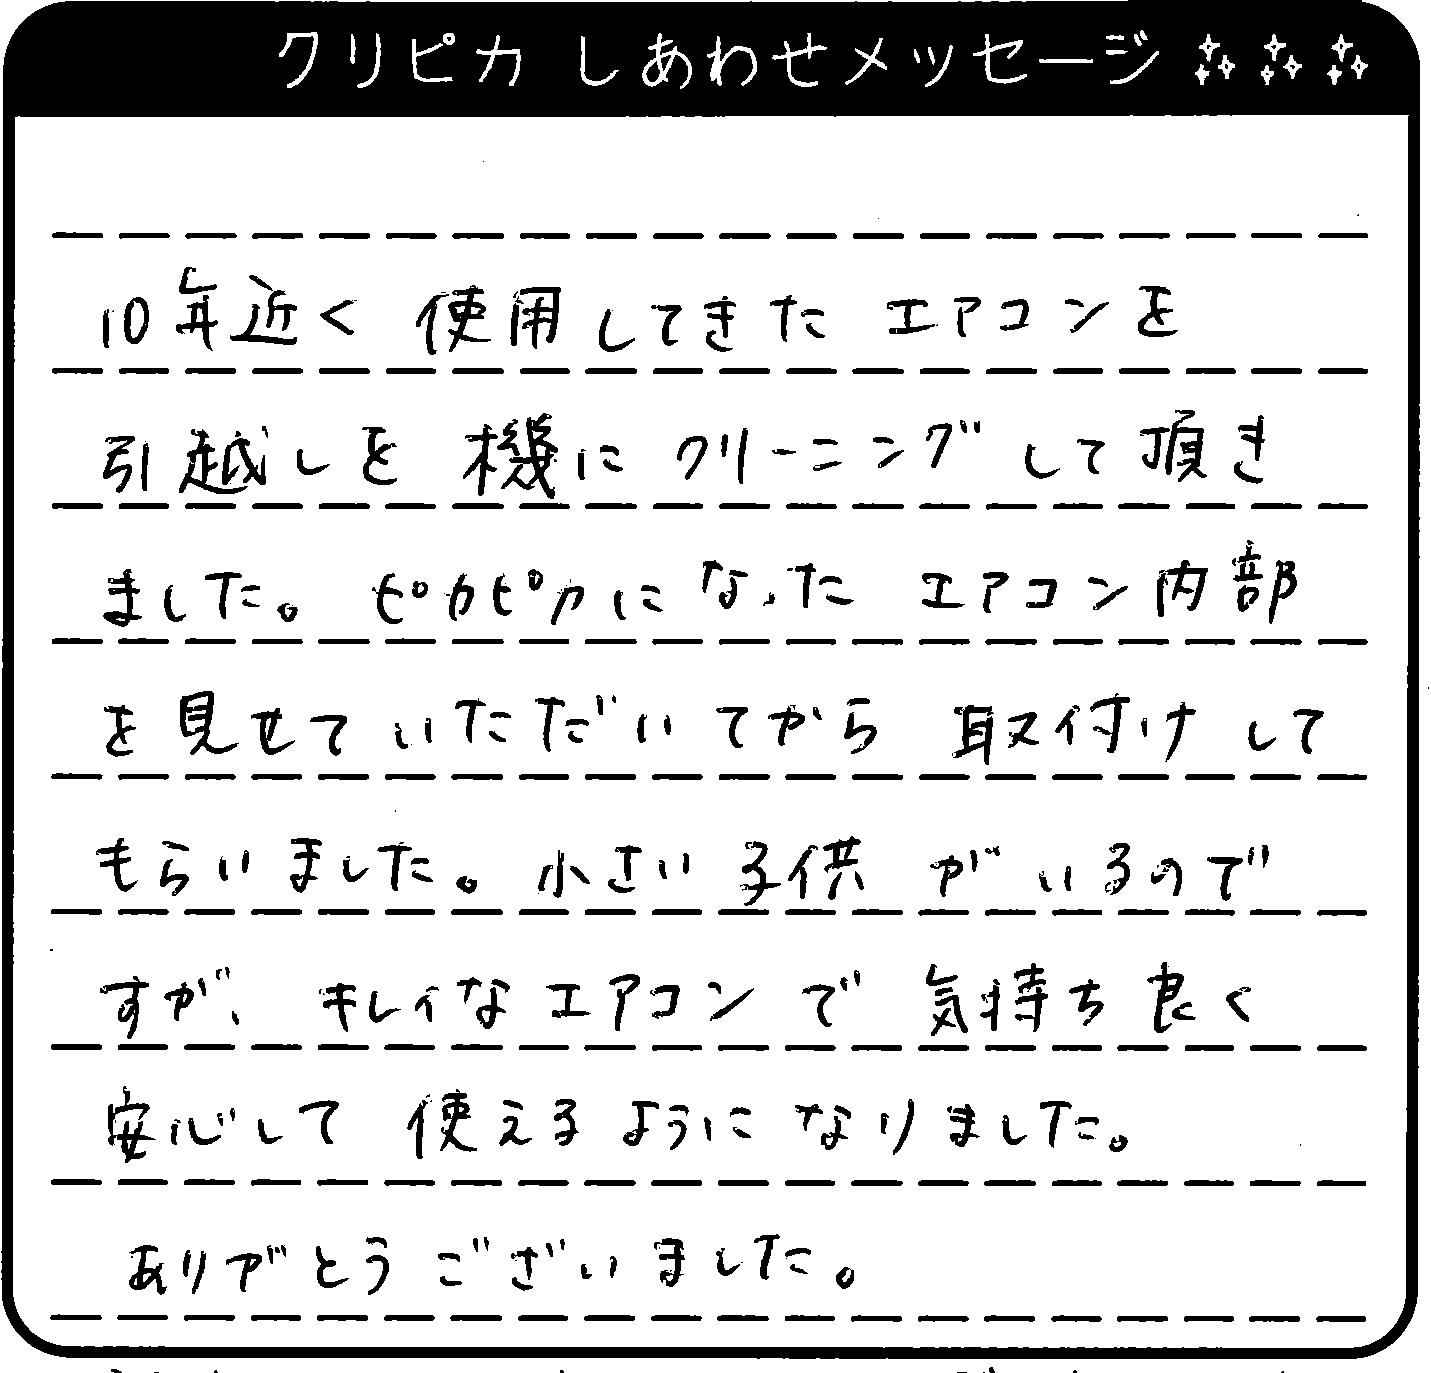 兵庫県 T様からのしあわせメッセージ